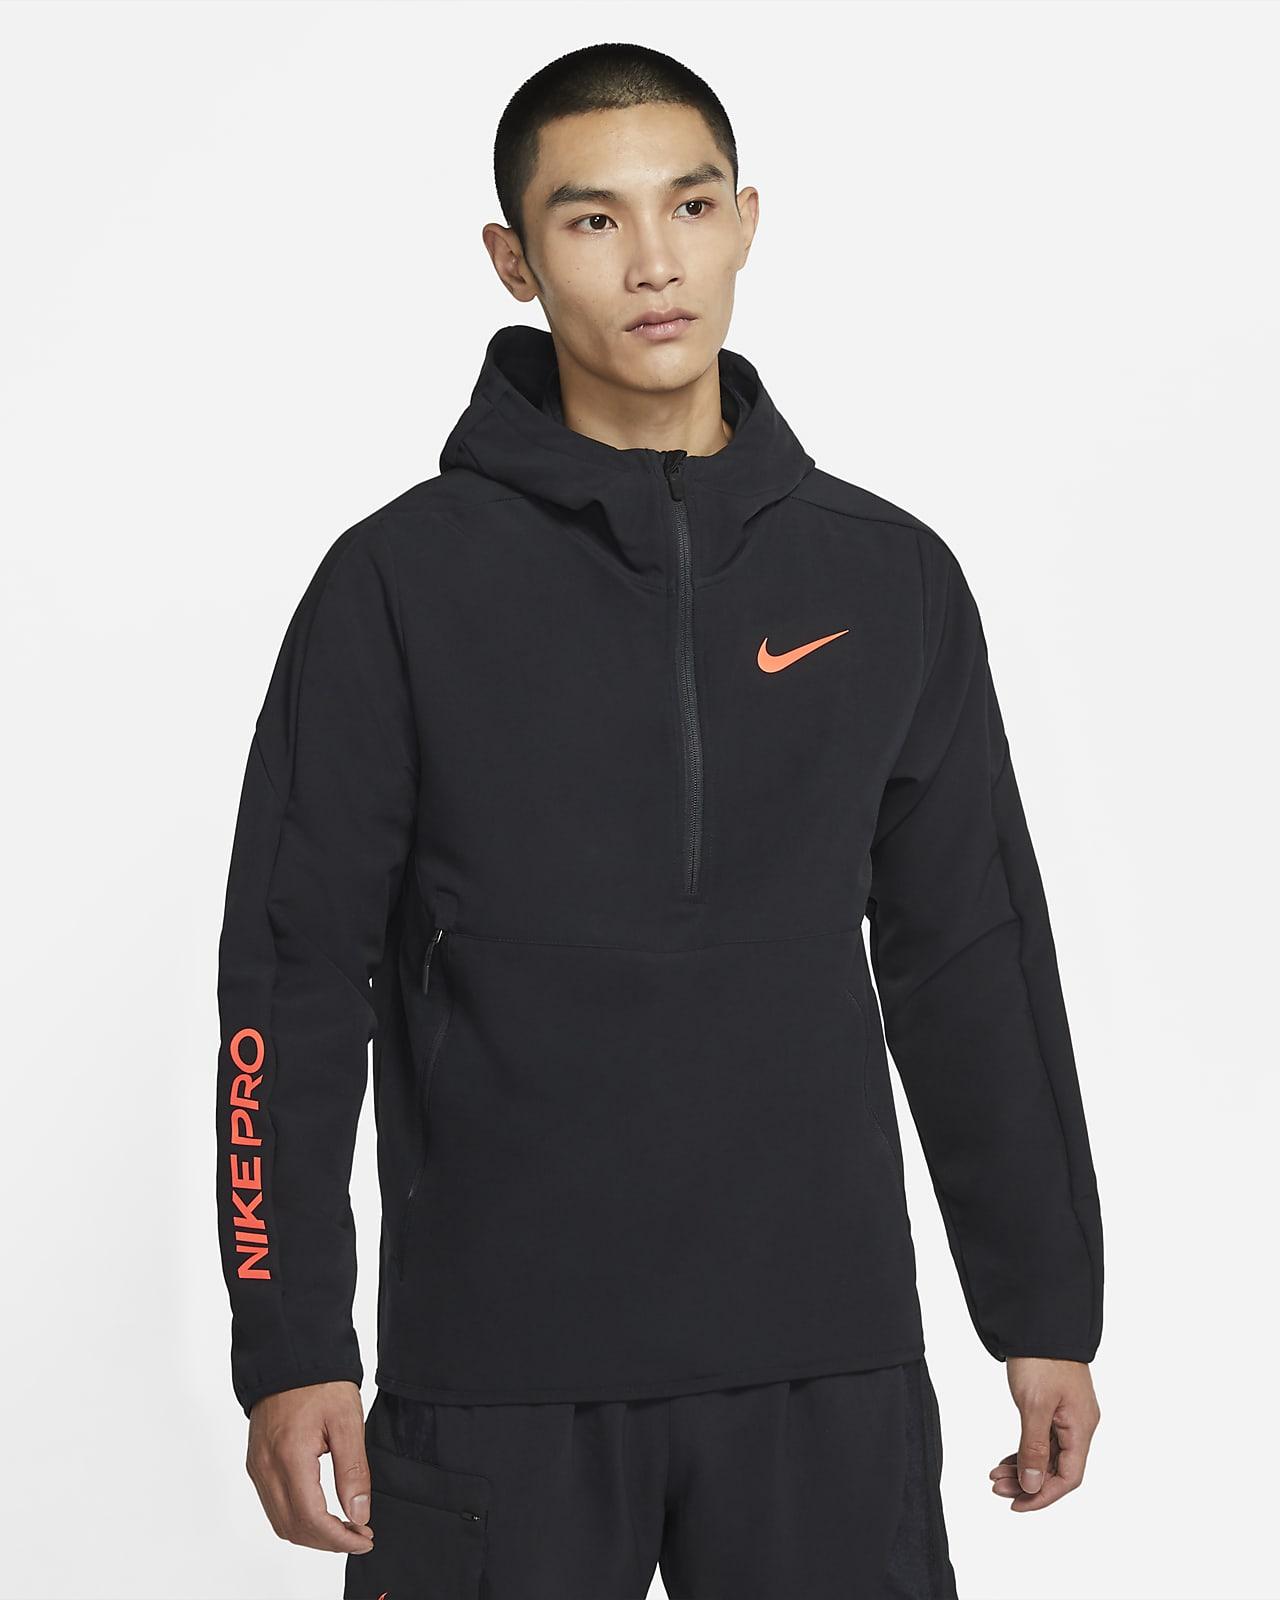 Nike Pro 男款 1/4 拉鍊式連帽上衣